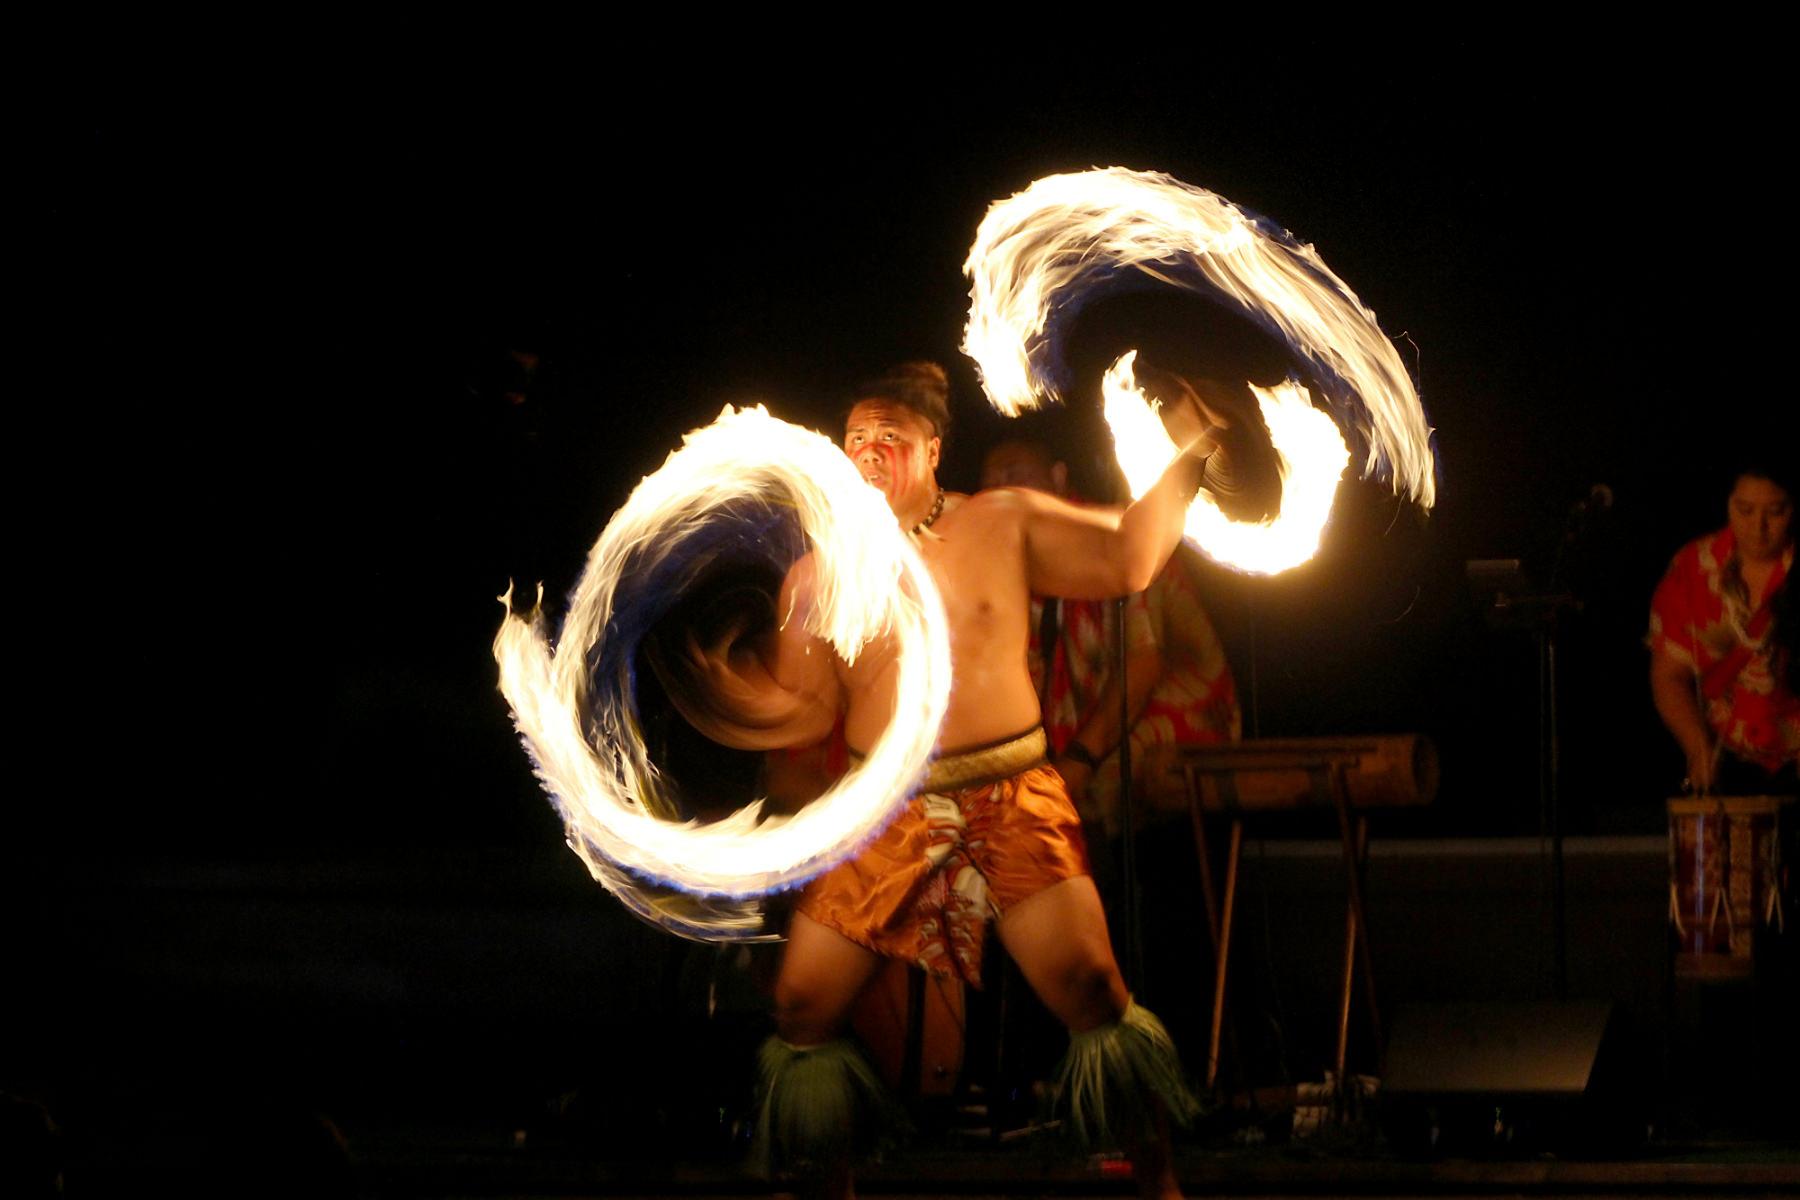 シーライフパークで開催されているルアウショー・カ モアナ ルアウ